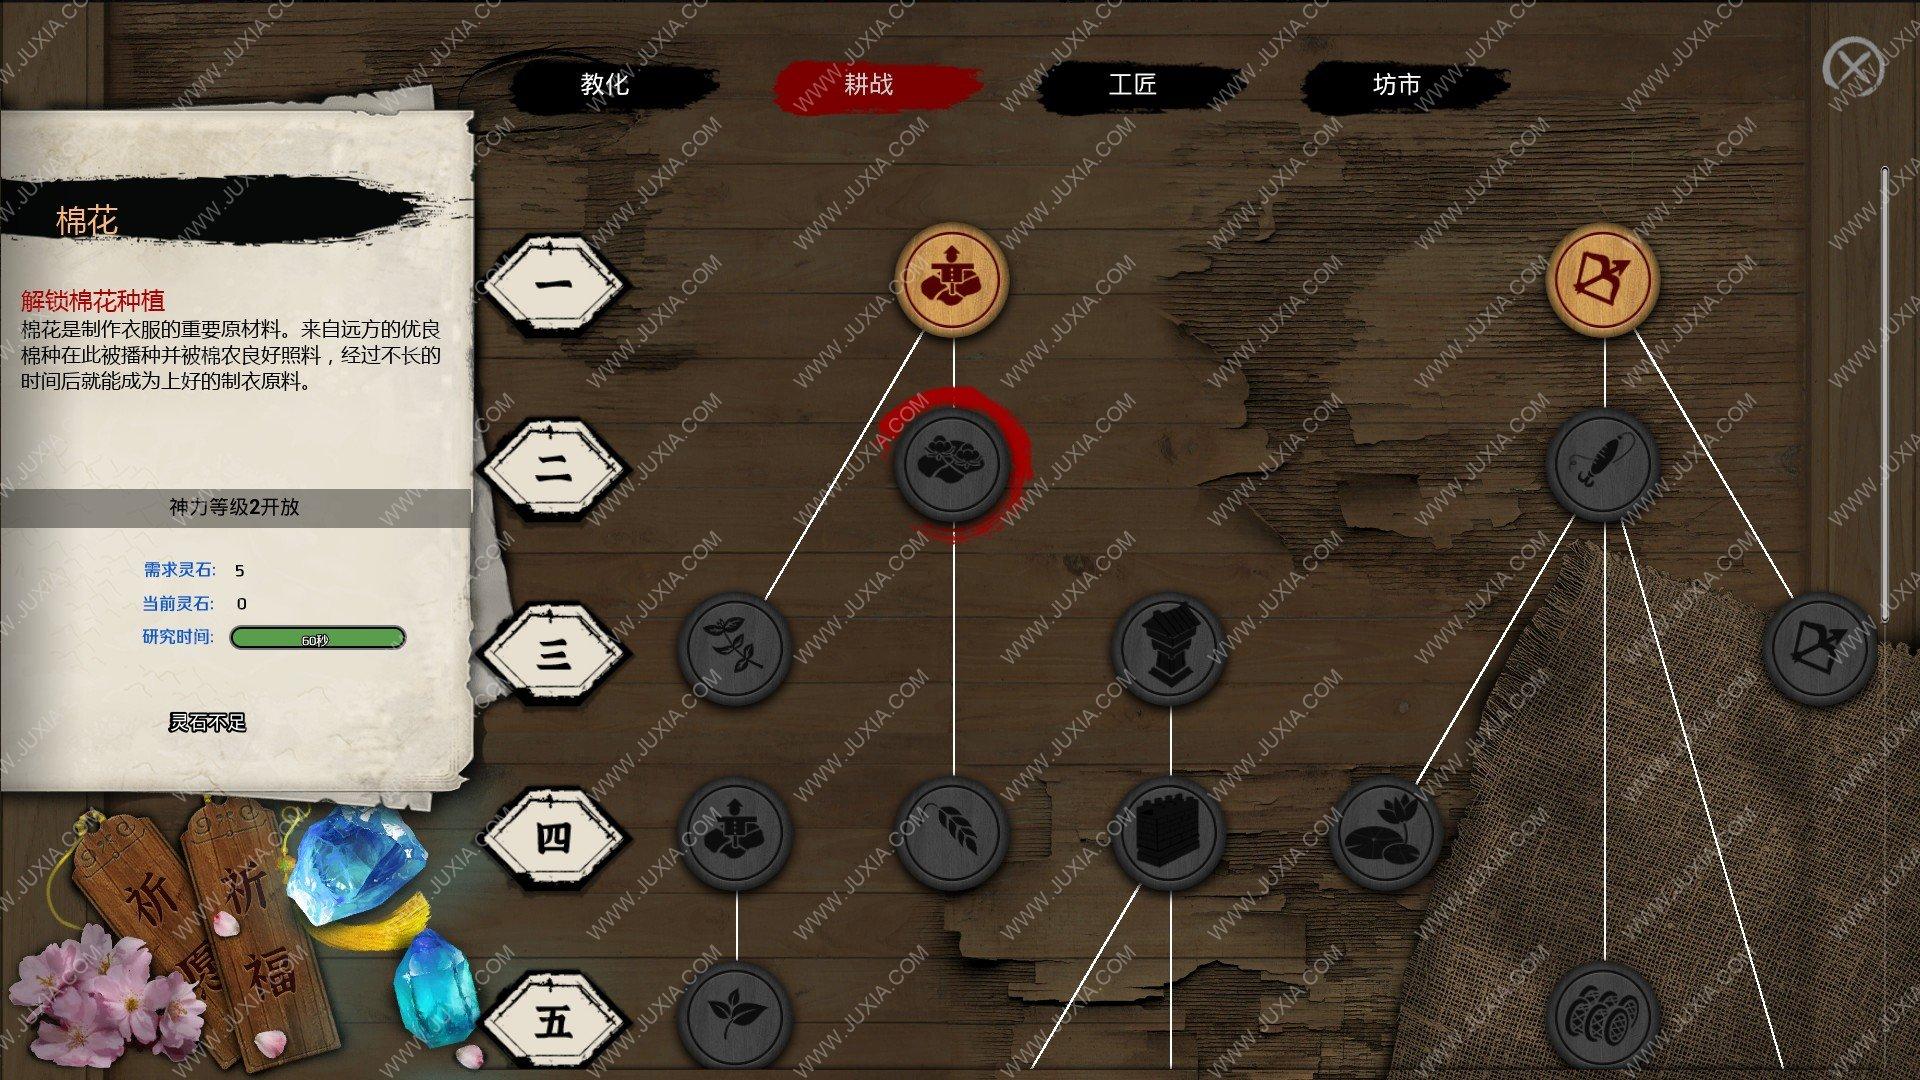 天神镇游戏攻略前期资源 棉花作用是什么